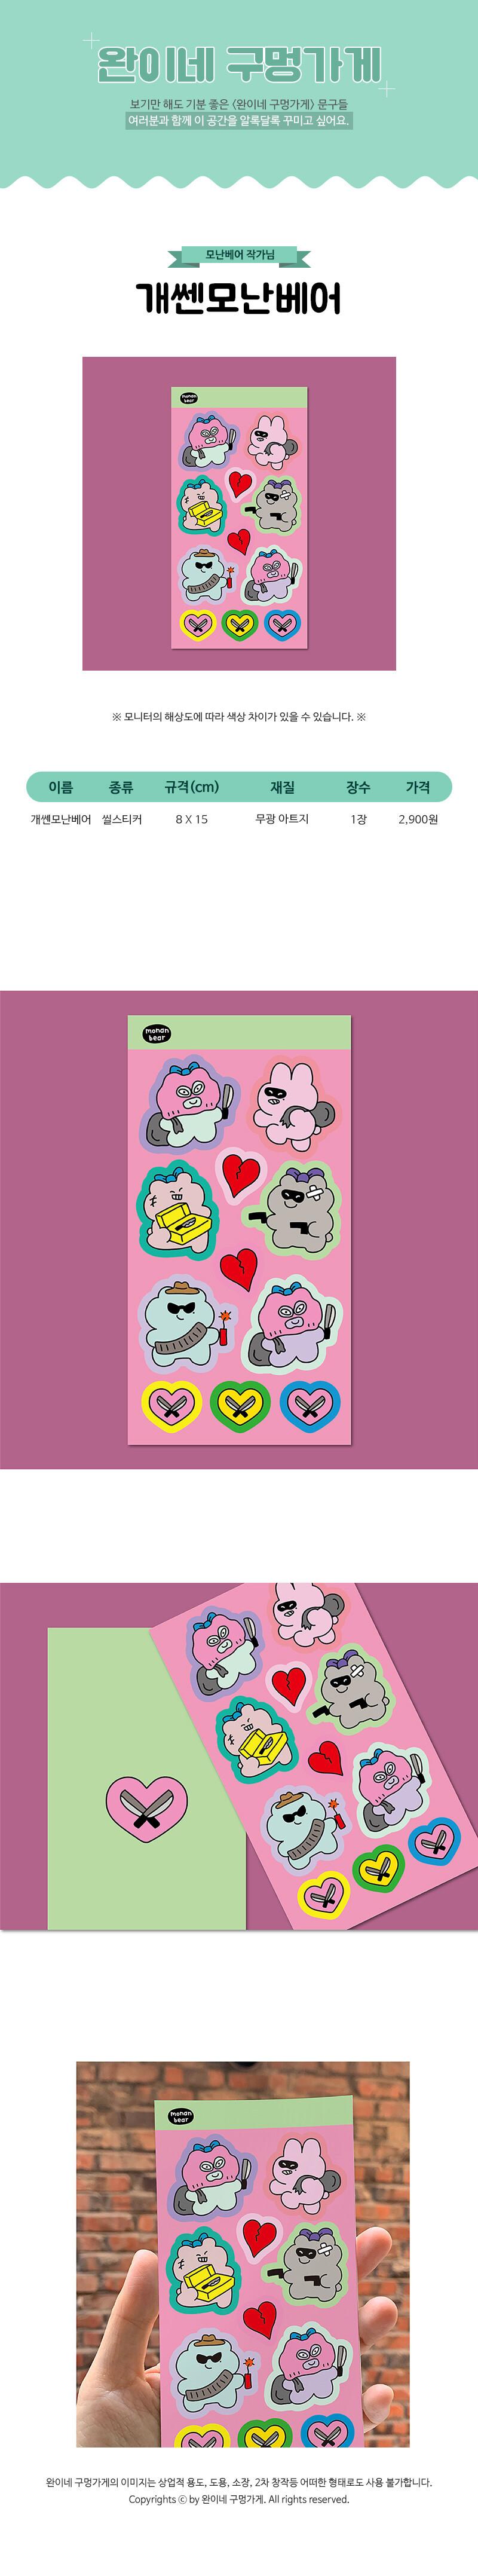 sticker939